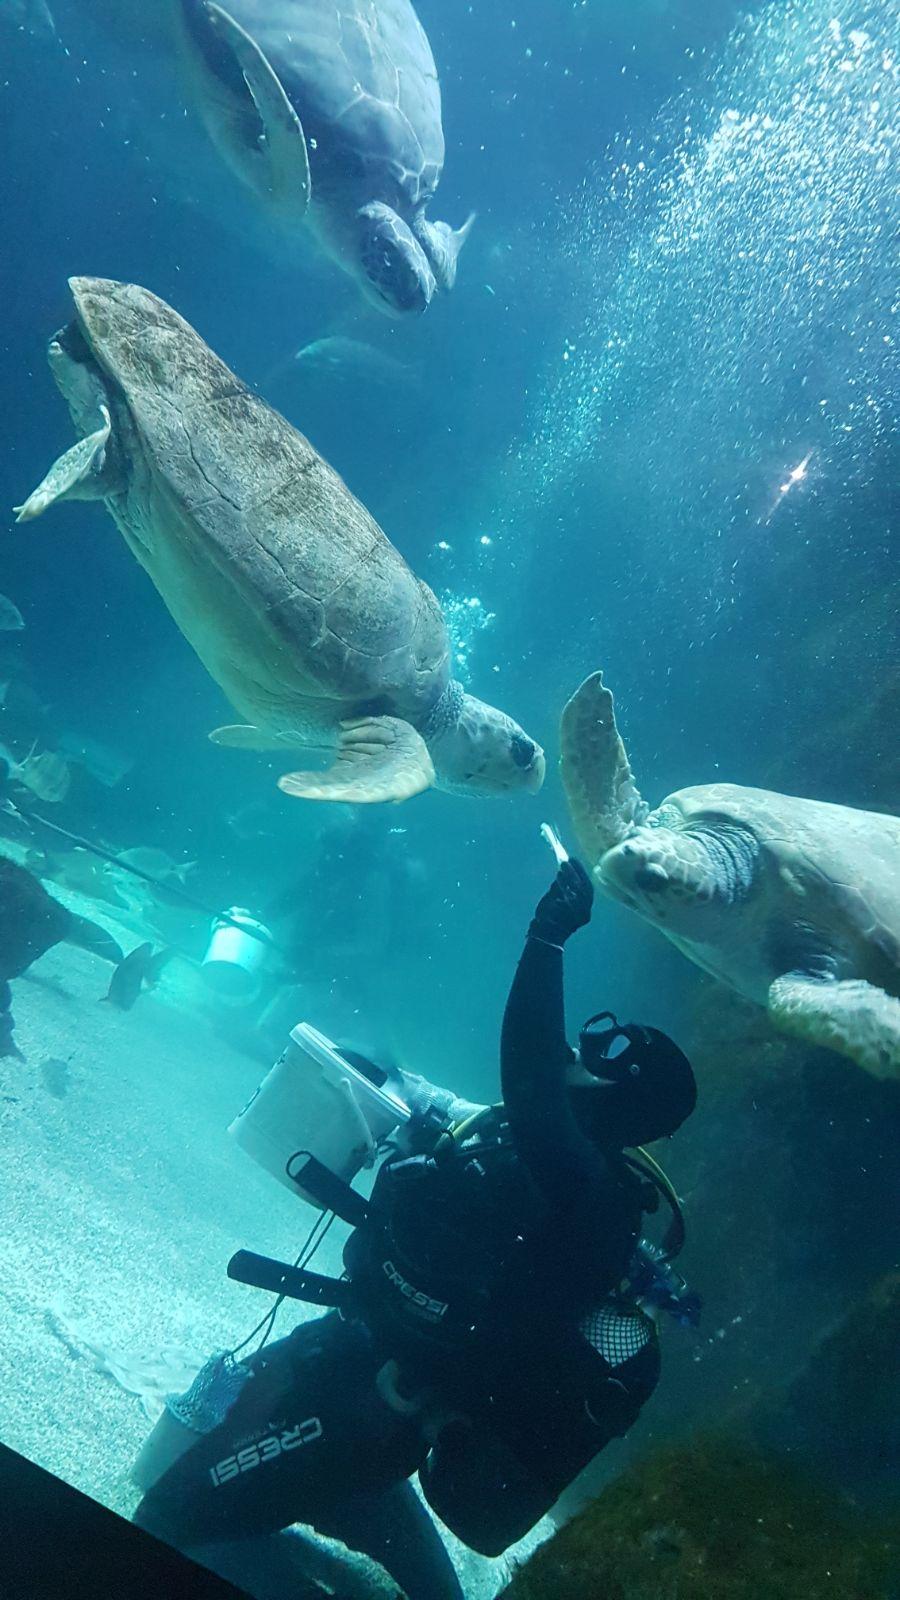 acuario gijon alsa tortuga viaje